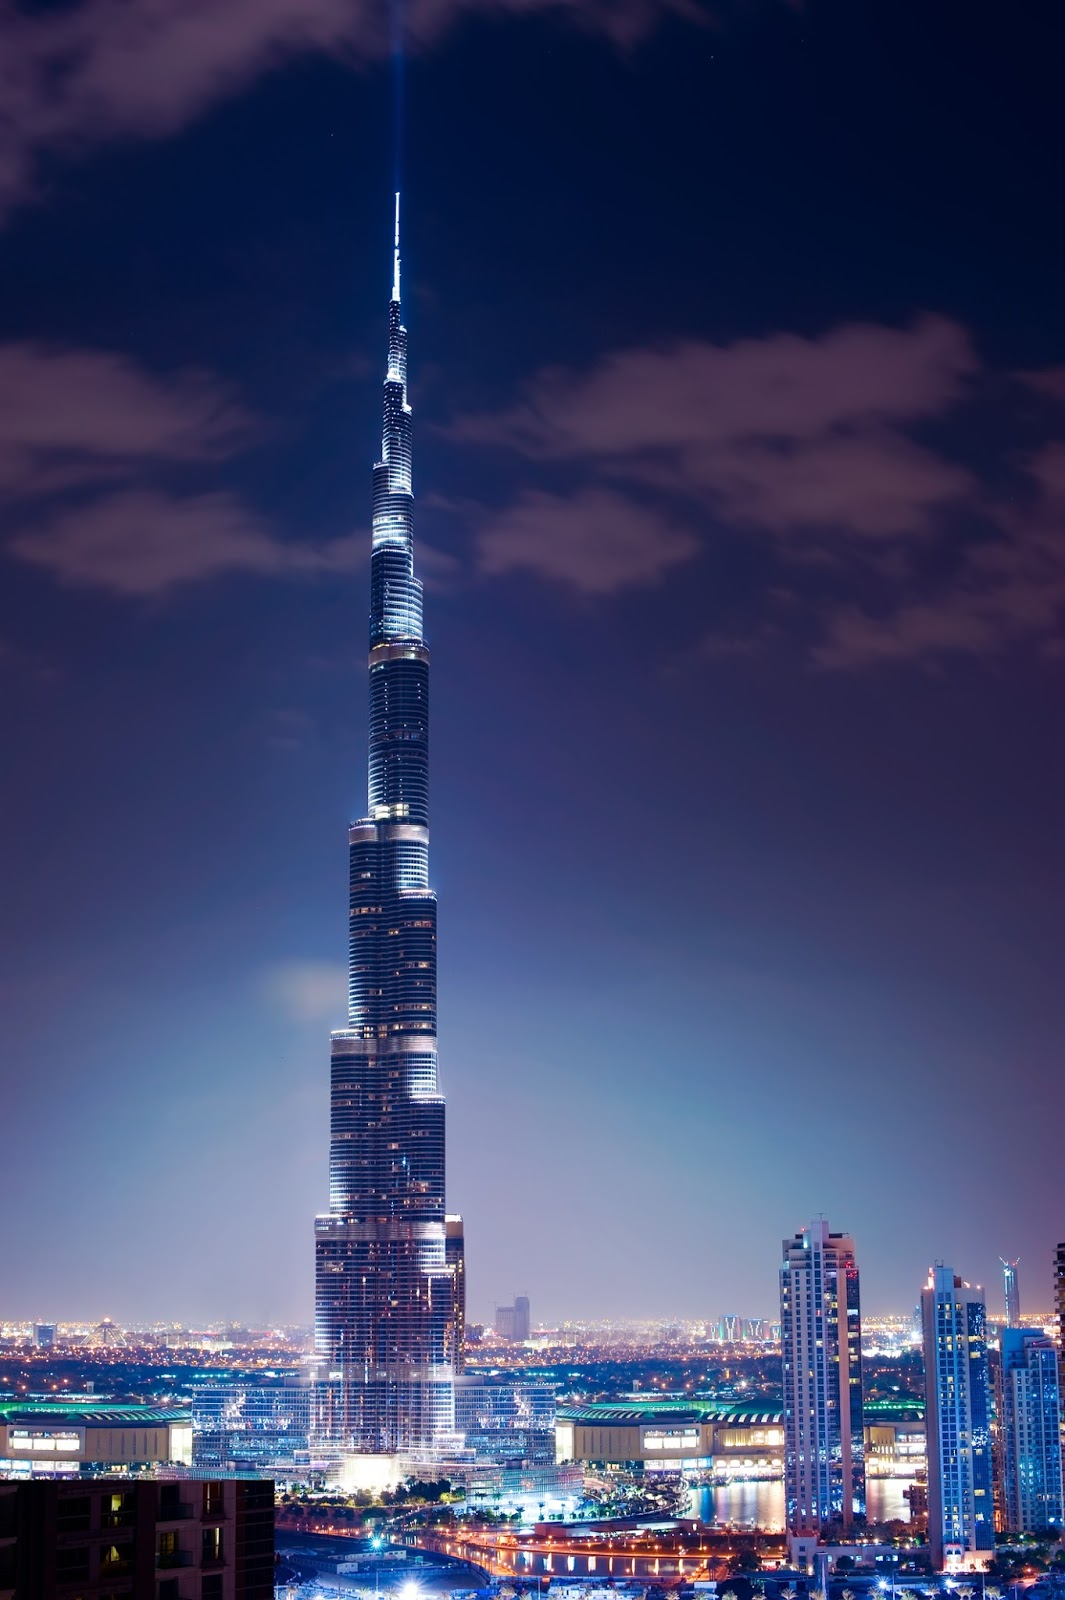 بالصور اكبر برج في العالم , صور رائعه لناطحات سحاب اكبر الابراج في العالم unnamed file 86